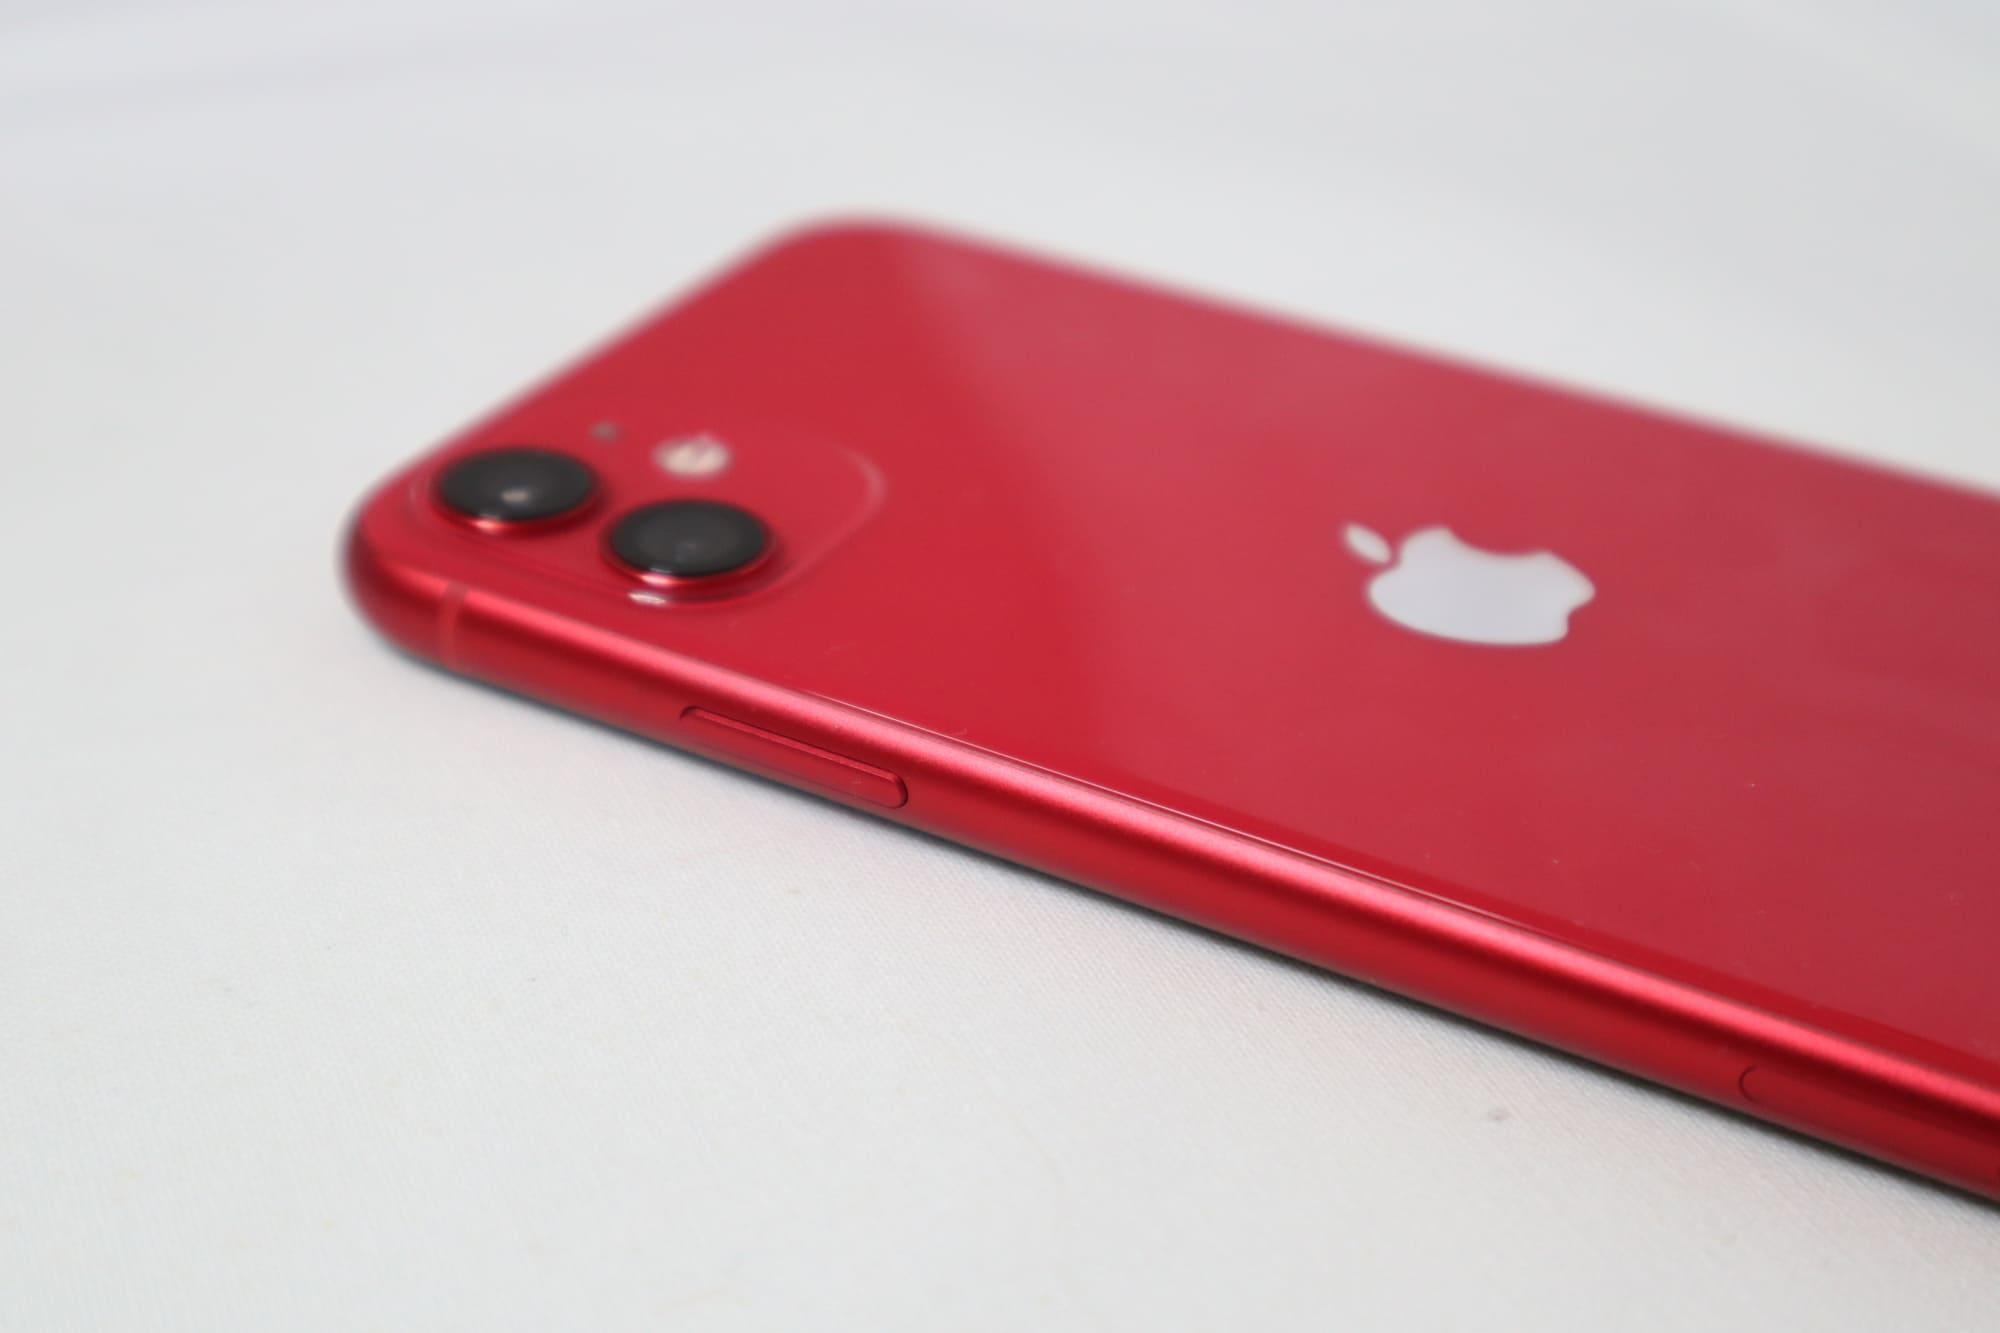 iPhone11の電源ボタン